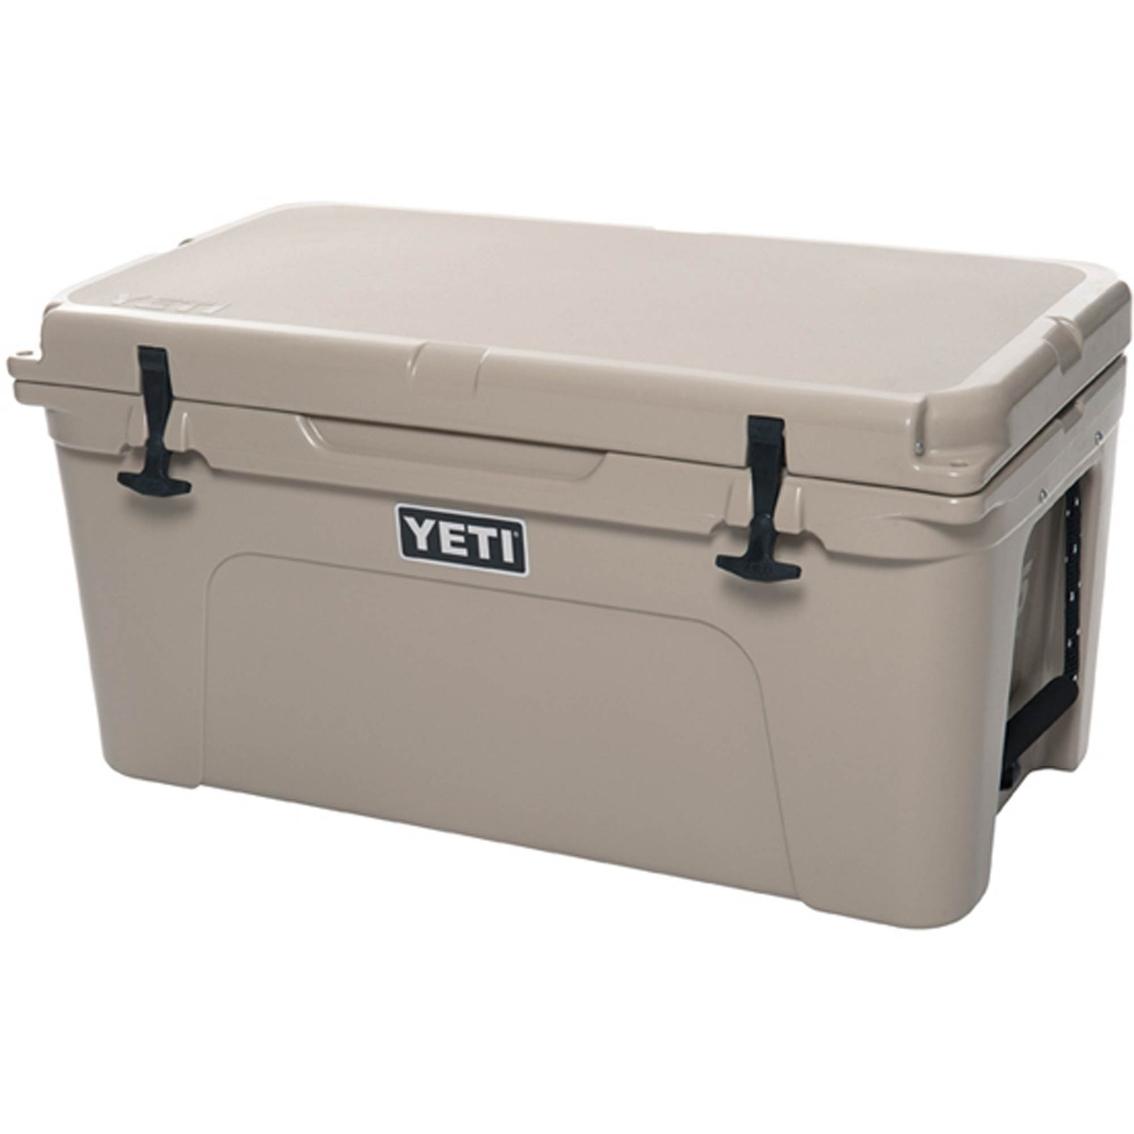 300d652b50e96 Yeti Tundra 65 Qt. Cooler